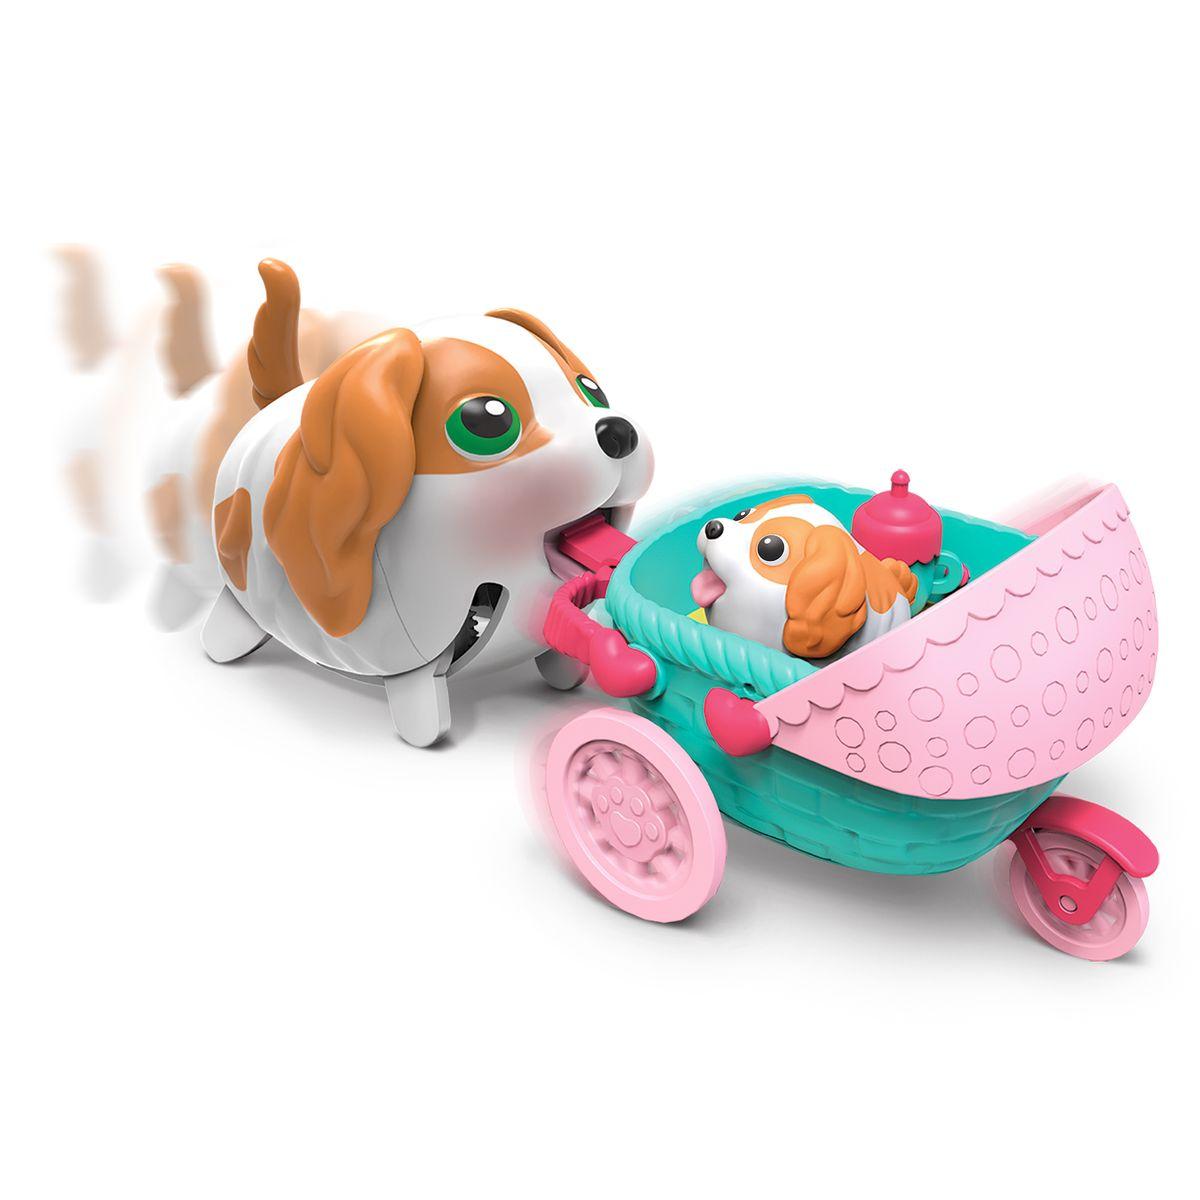 Chubby Puppies Транспорт Коляска Лоток мороженого56713Веселый щенок со своим транспортом. В ассортименте коляска и лоток мороженого. Собака ходит и везет перед собой свой транспорт. Несколько аксессуаров в каждом наборе.